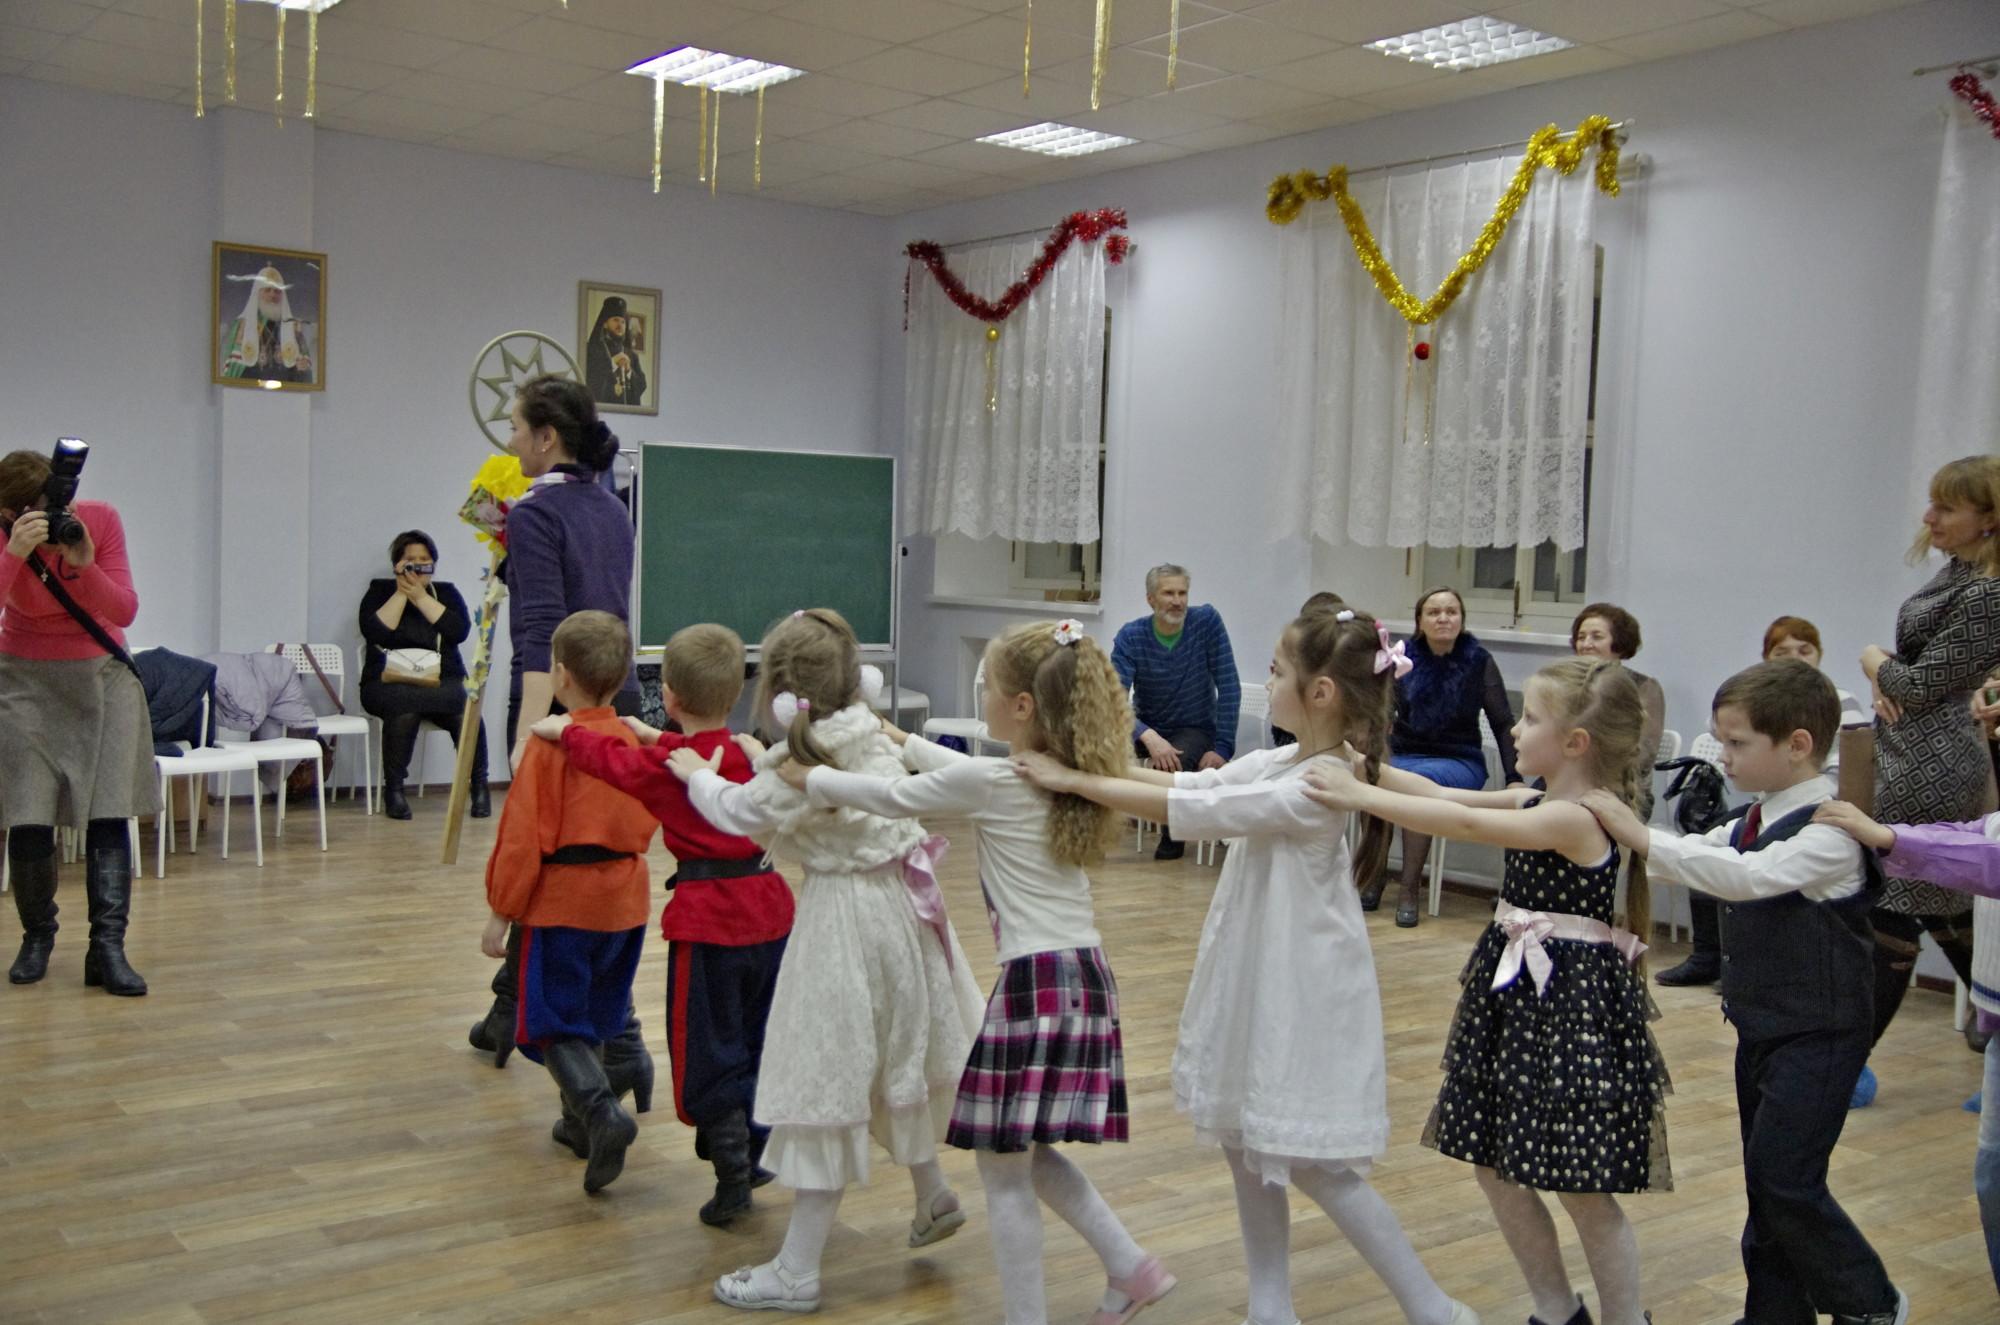 Найден Курсовая праздники в дополнительном образовании Совершенствование скачать реферат Патриотическое воспитание младших школьников образовании основе